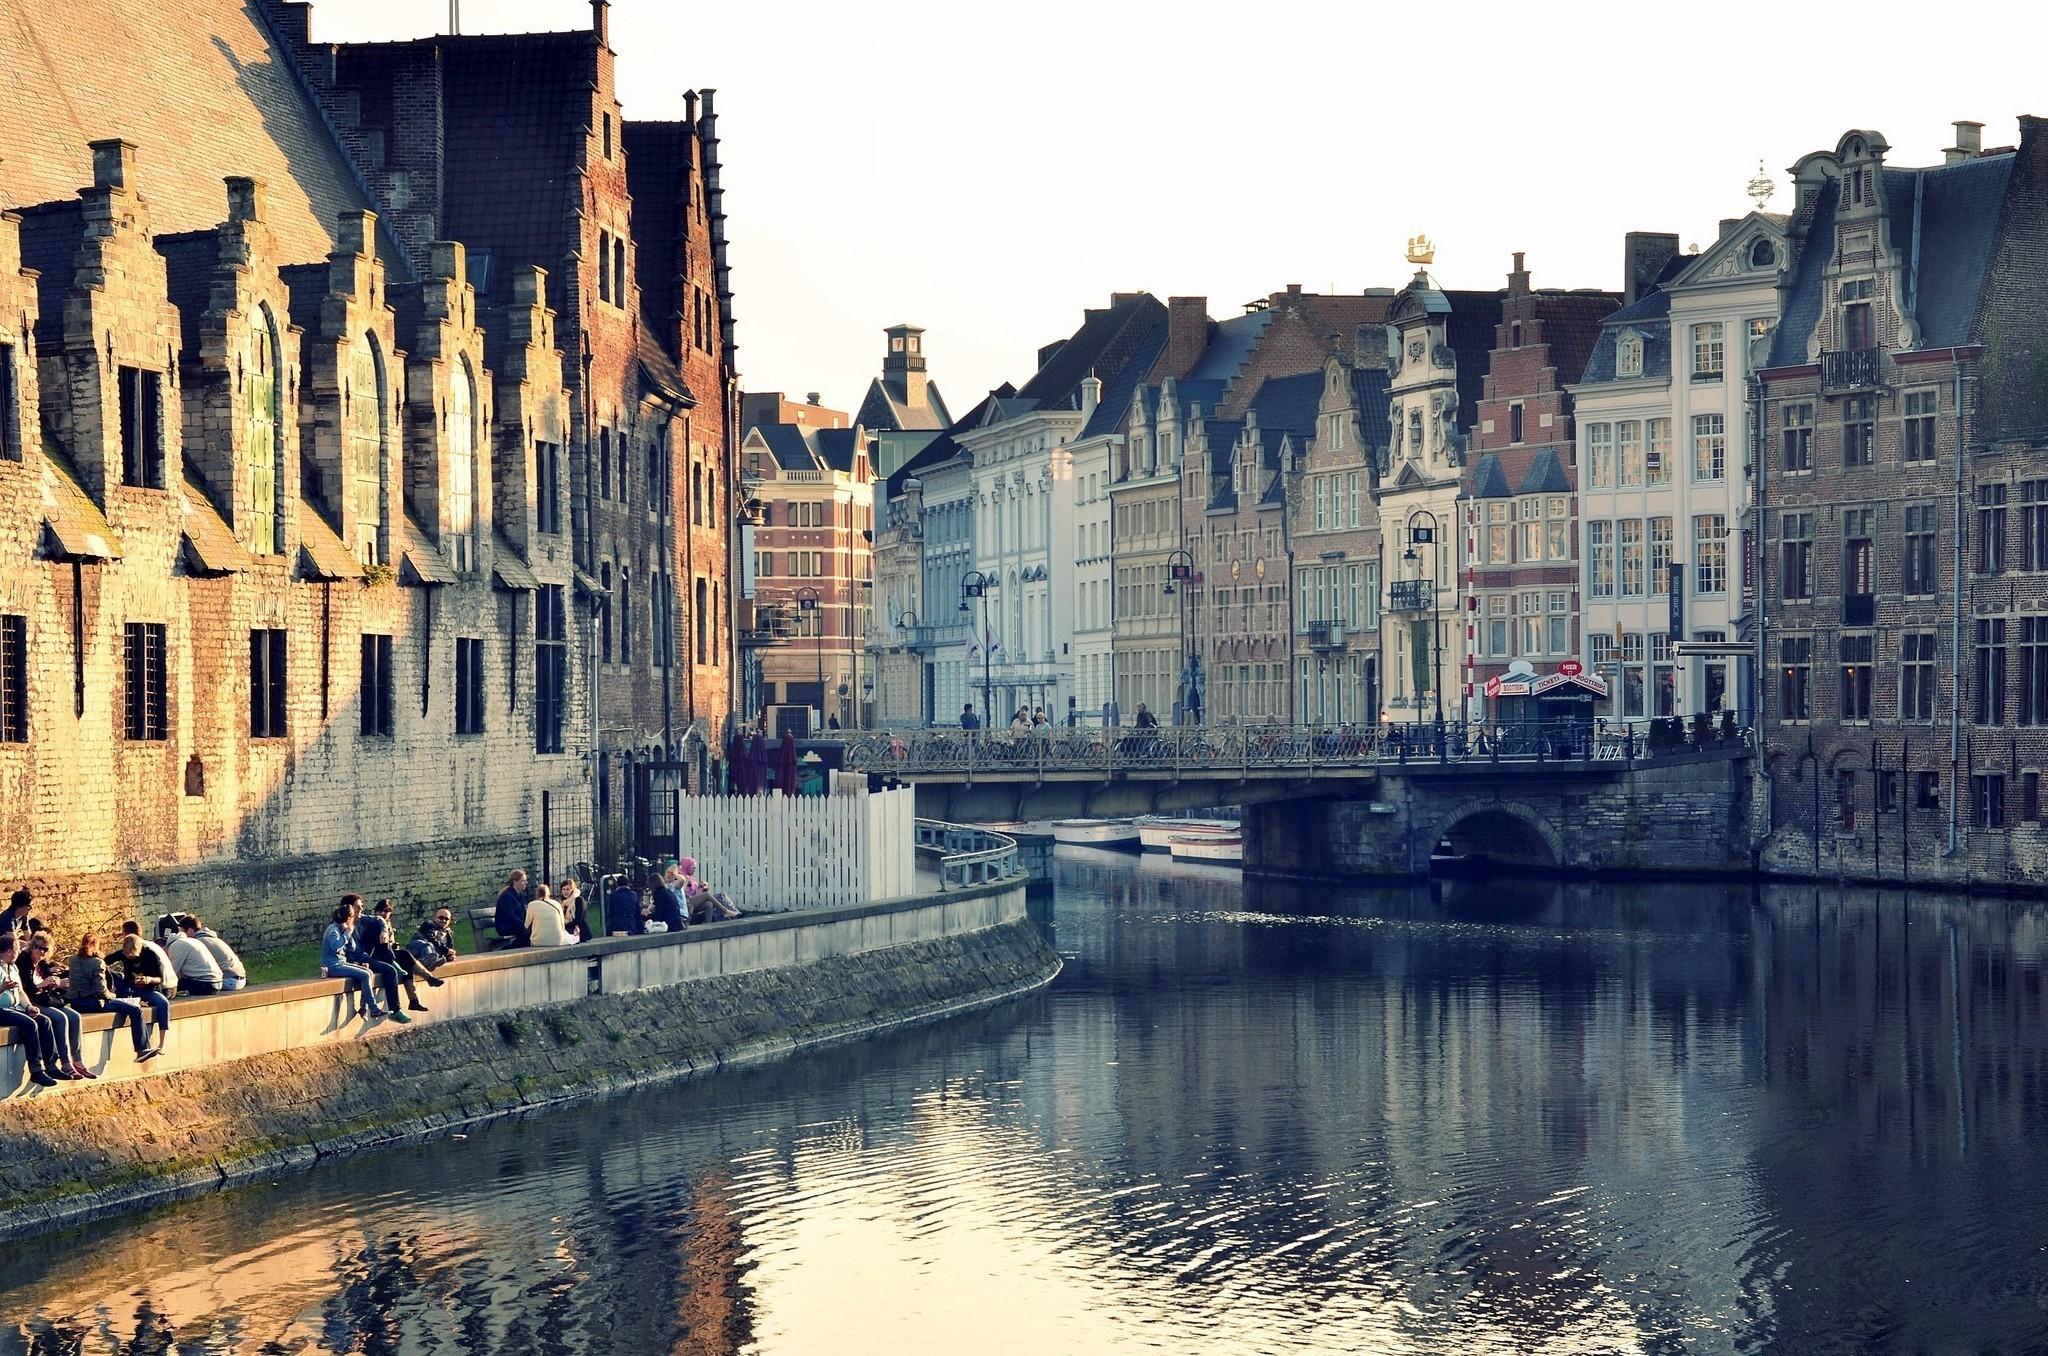 страны архитектура река Бельгия Брюгге  № 1730843 загрузить